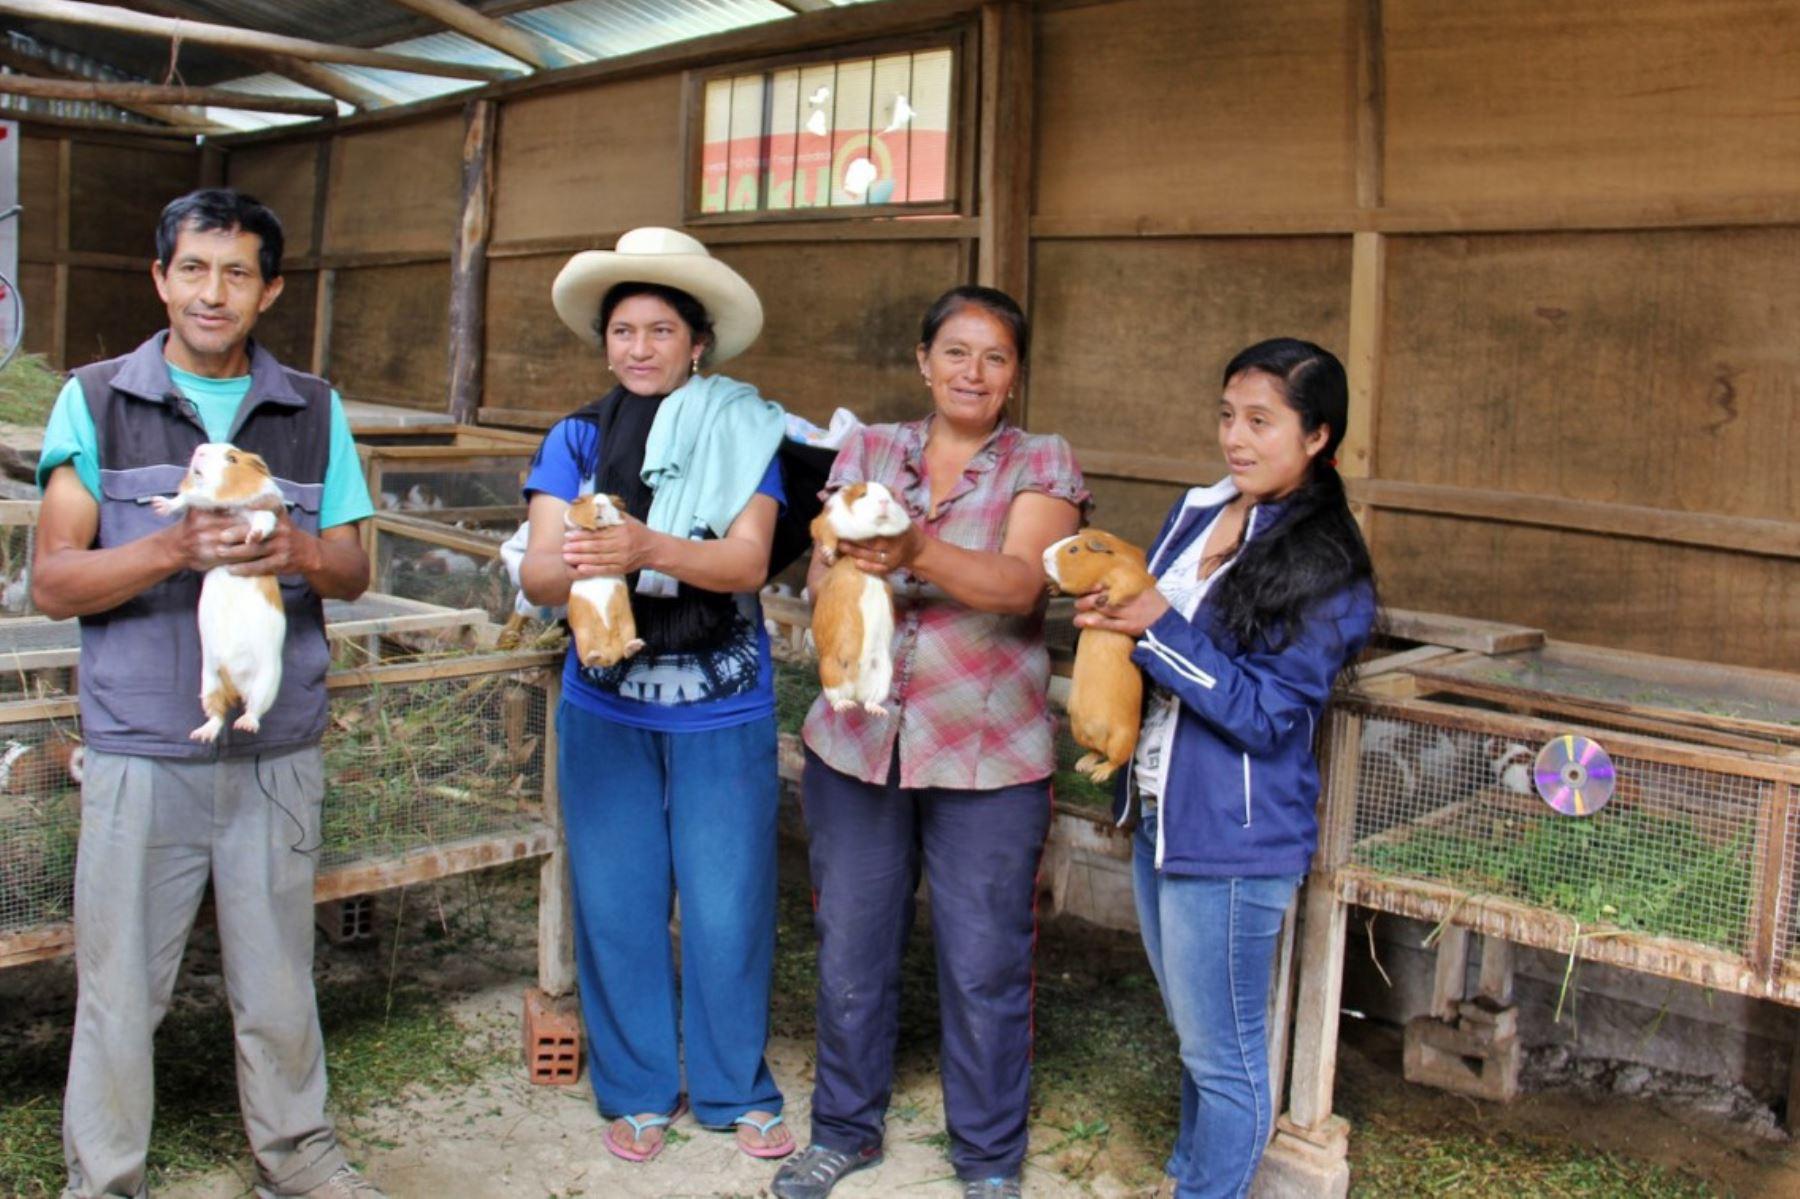 Familias rurales emprenden negocios de crianza de cuy con asistencia técnica y financiamiento del proyecto Haku Wiñay del Foncodes